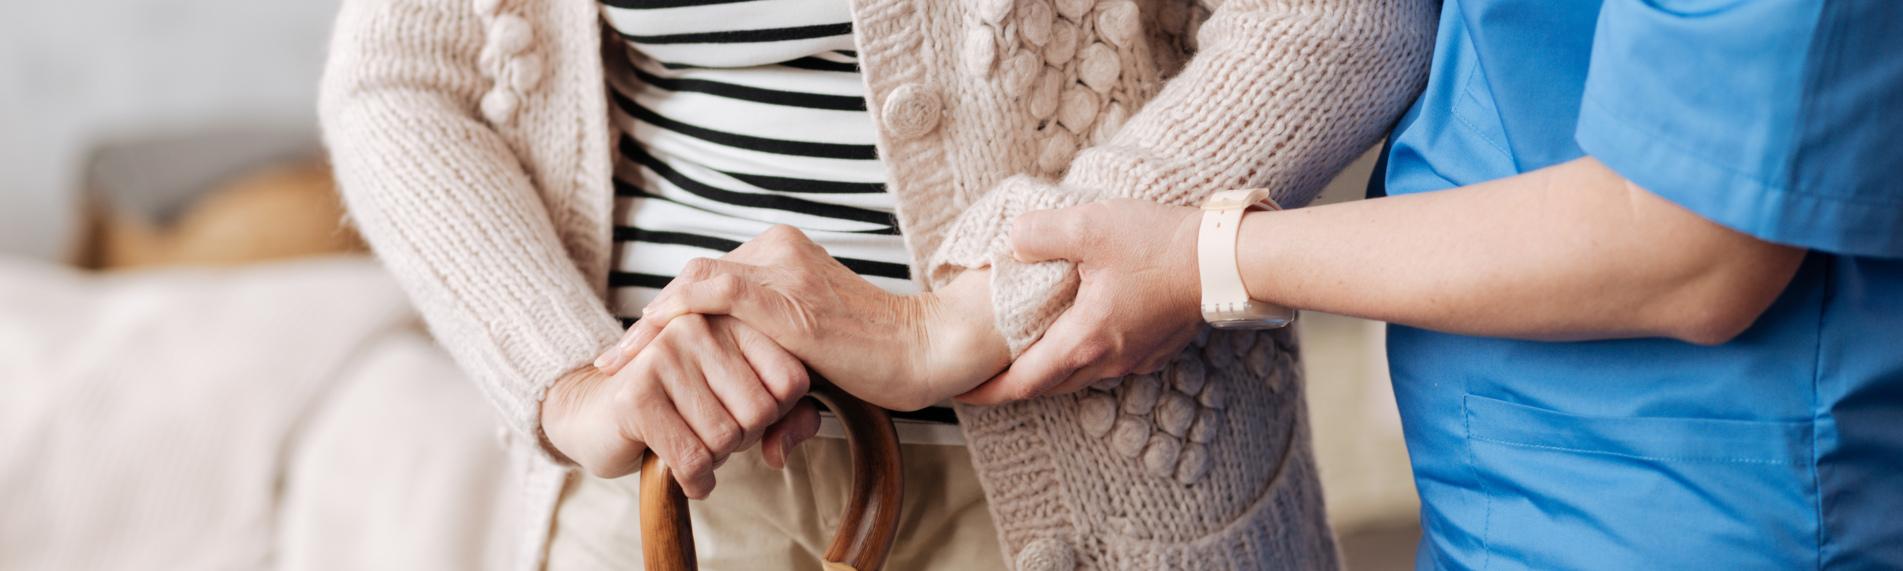 Bättre inomhusklimat och luftfuktighet på äldreboenden